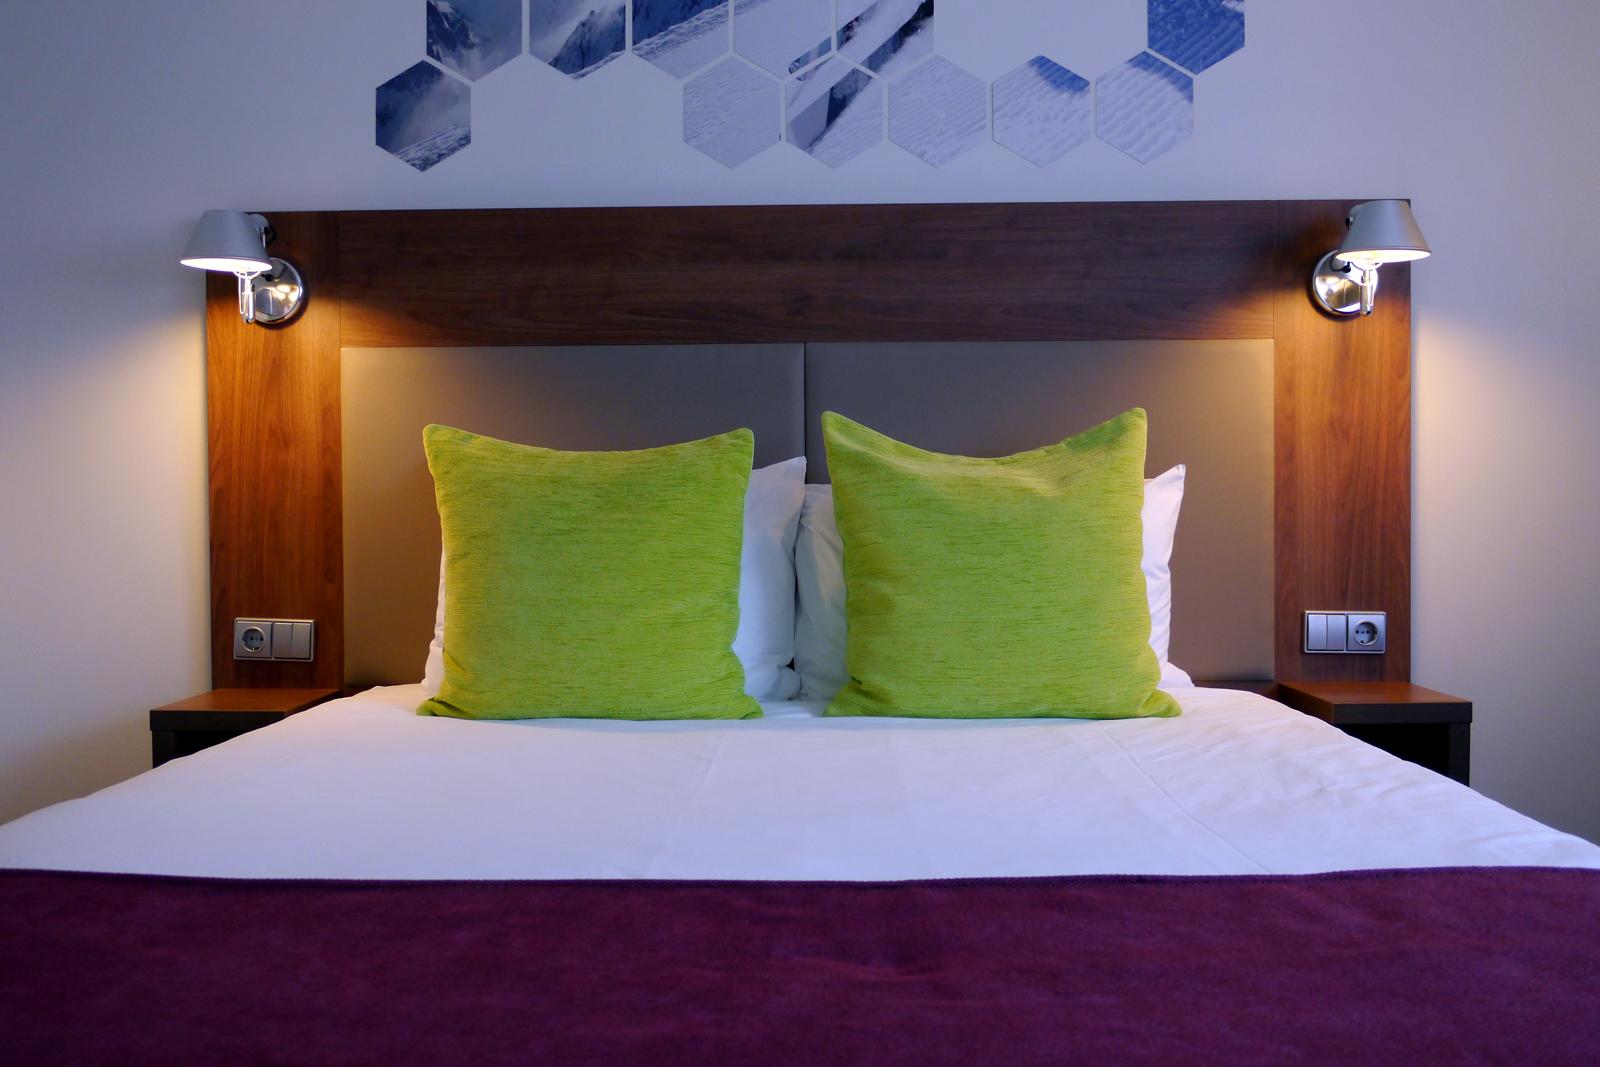 Zimmer mit Doppelbett im ibis Styles Hotel in Vilnius, Litauen.